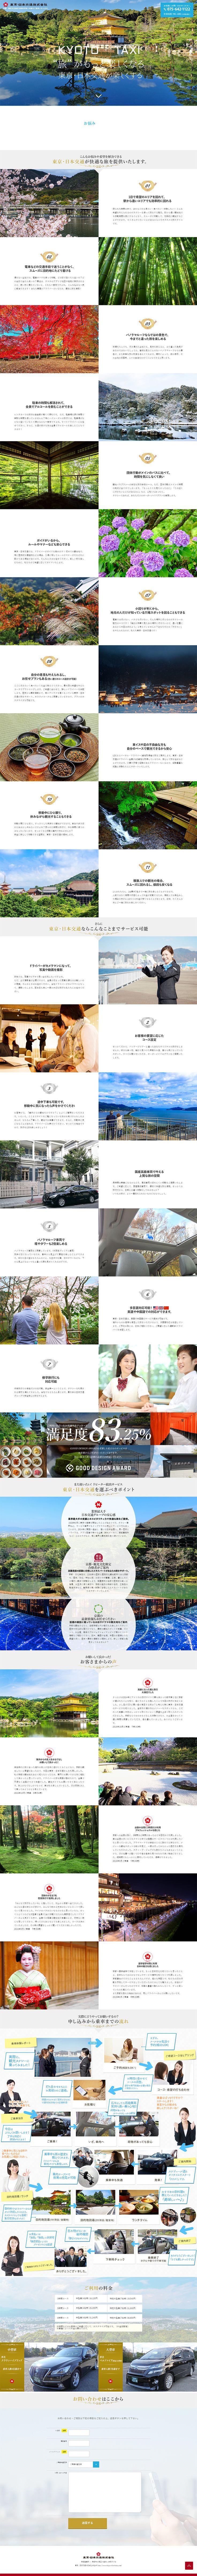 京都観光タクシーのご案内【アウトドア関連】のLPデザイン。WEBデザイナーさん必見!ランディングページのデザイン参考に(シンプル系)